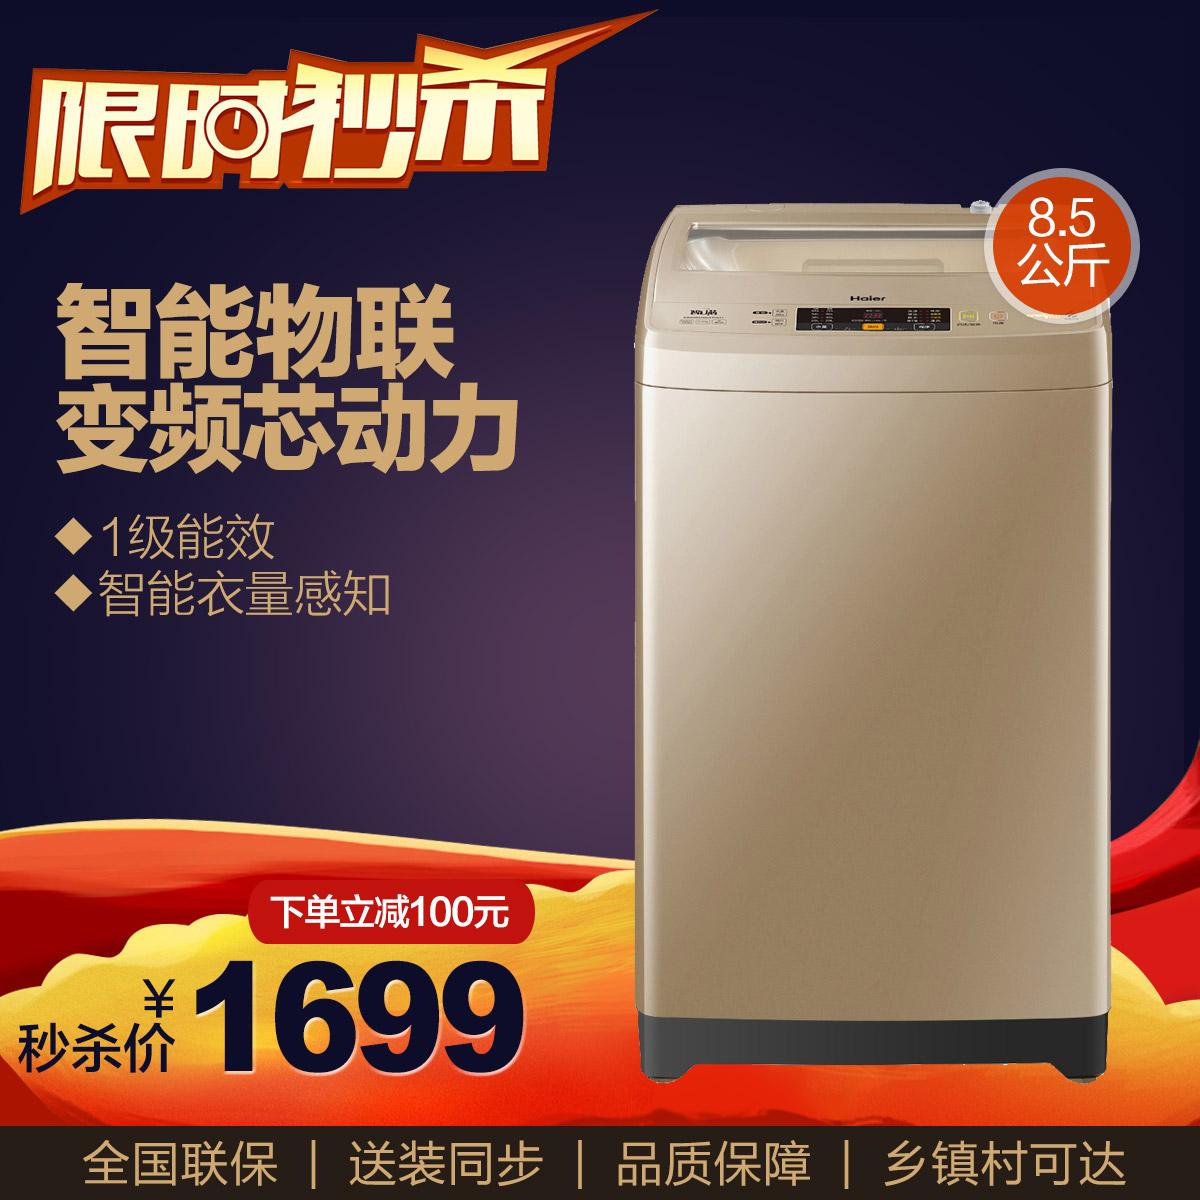 变频芯动力   金色外观   8.5kg大容量    智能物联  节能耐用   直驱变频电机更静音   1级能效    智能衣量感知    免熨烫    立体洗     桶干燥    桶自洁 EB85BM59GTHU1